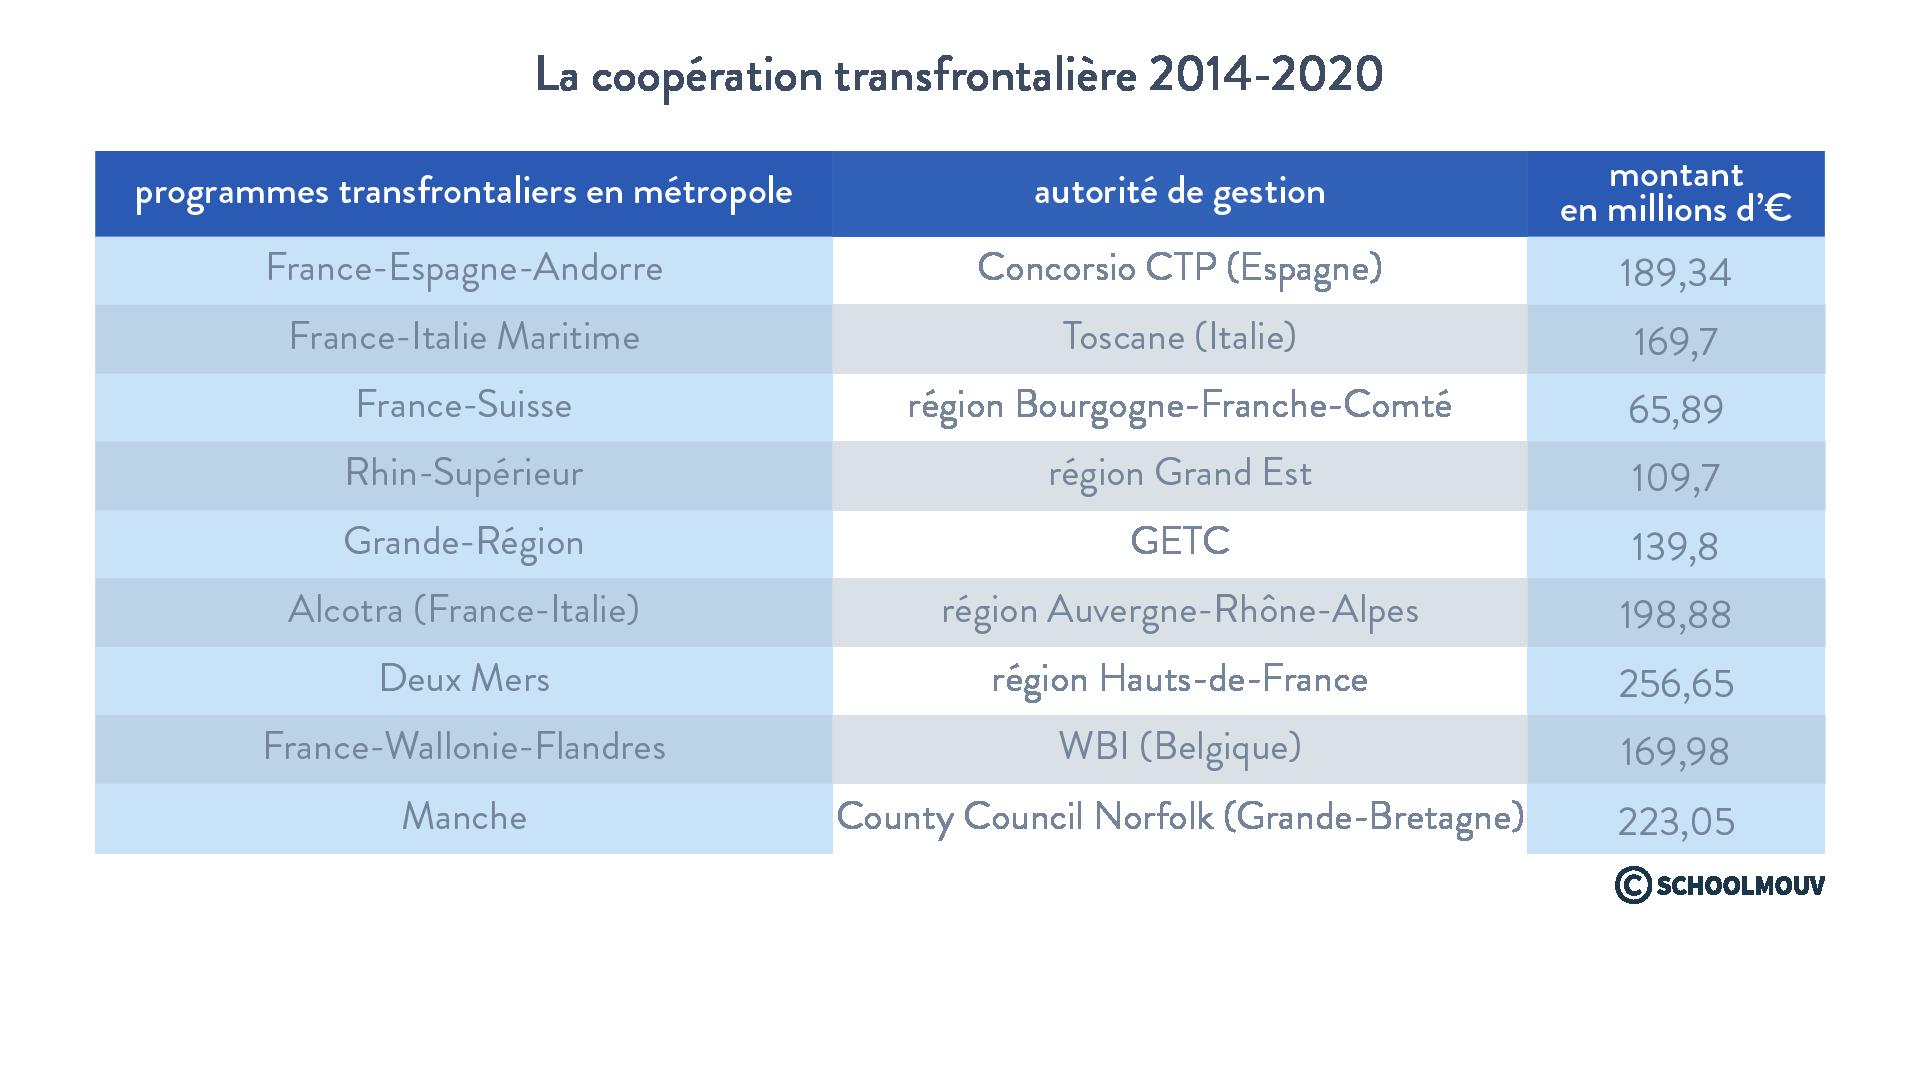 La coopération transfrontalière 2014-2020 - Géographie - Terminale - SchoolMouv